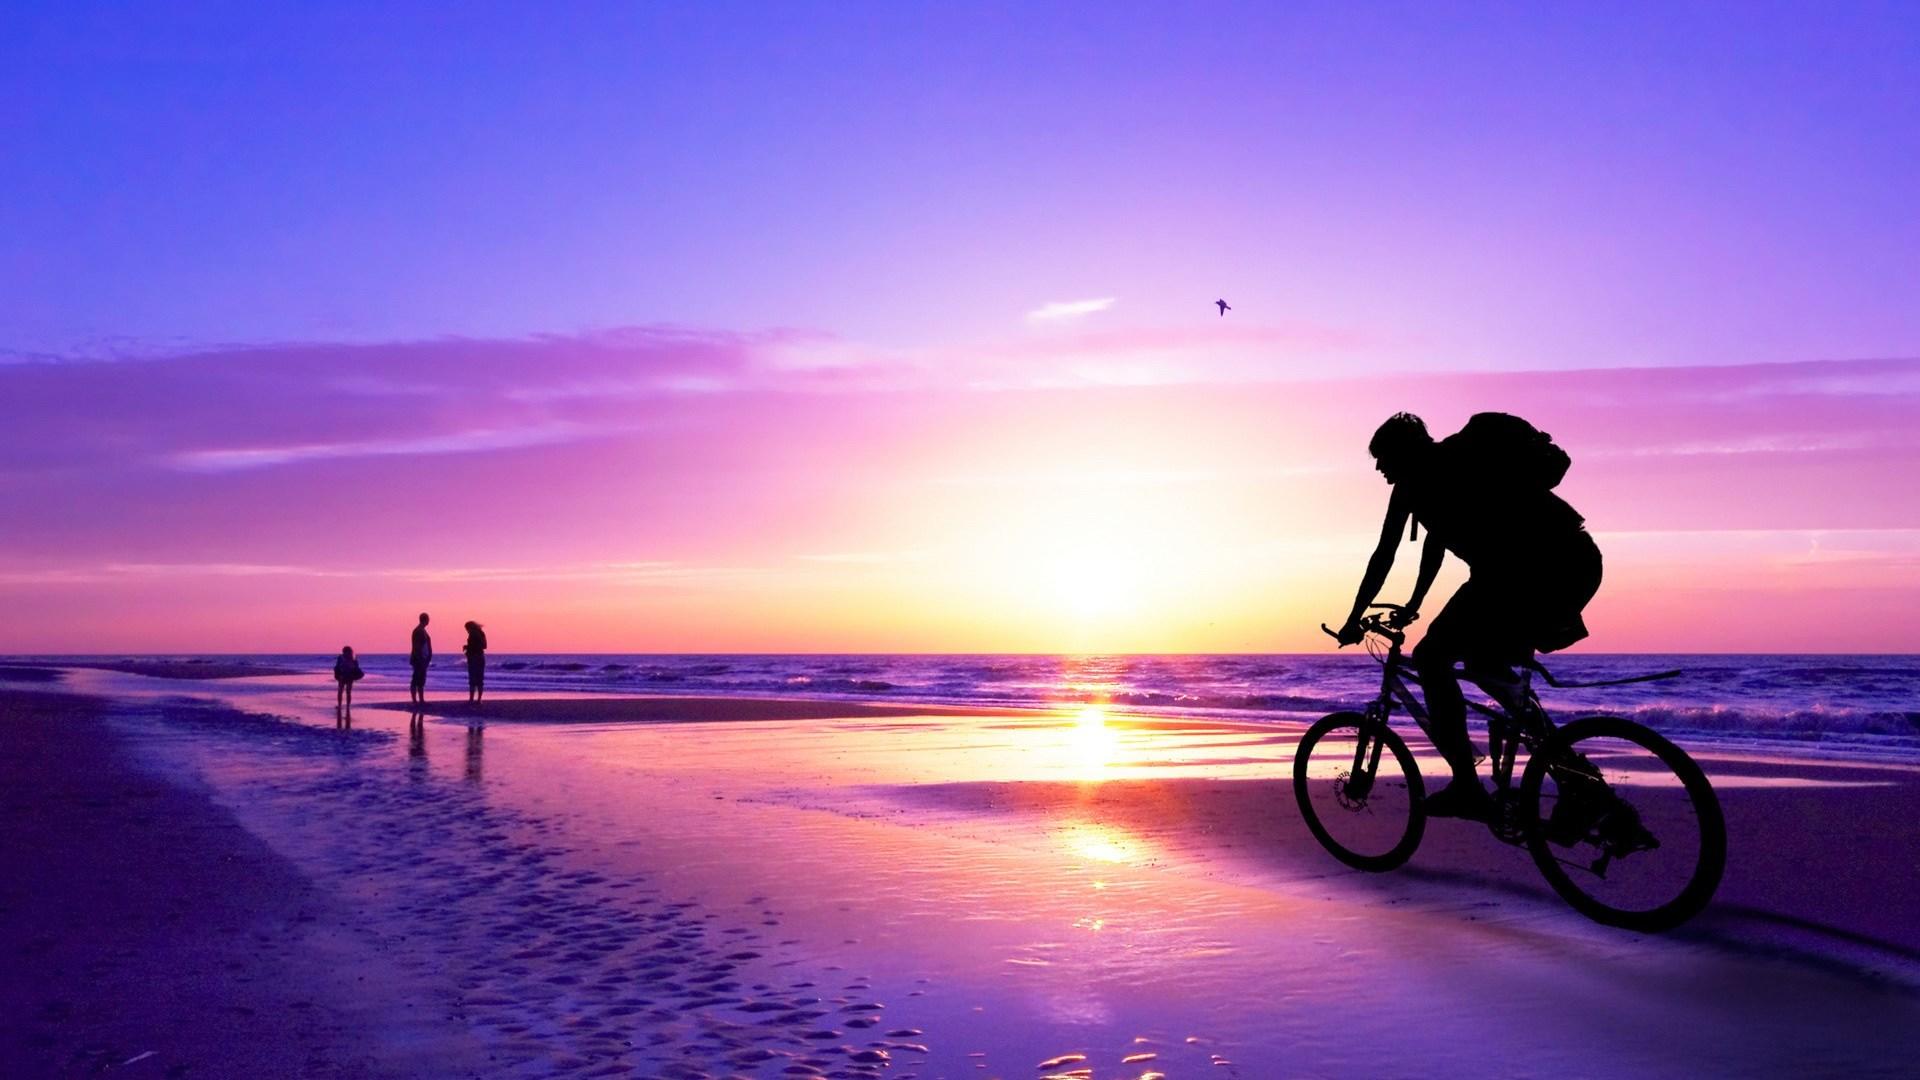 Tropical Beach Sunset Wallpaper 1080p 1920x1080